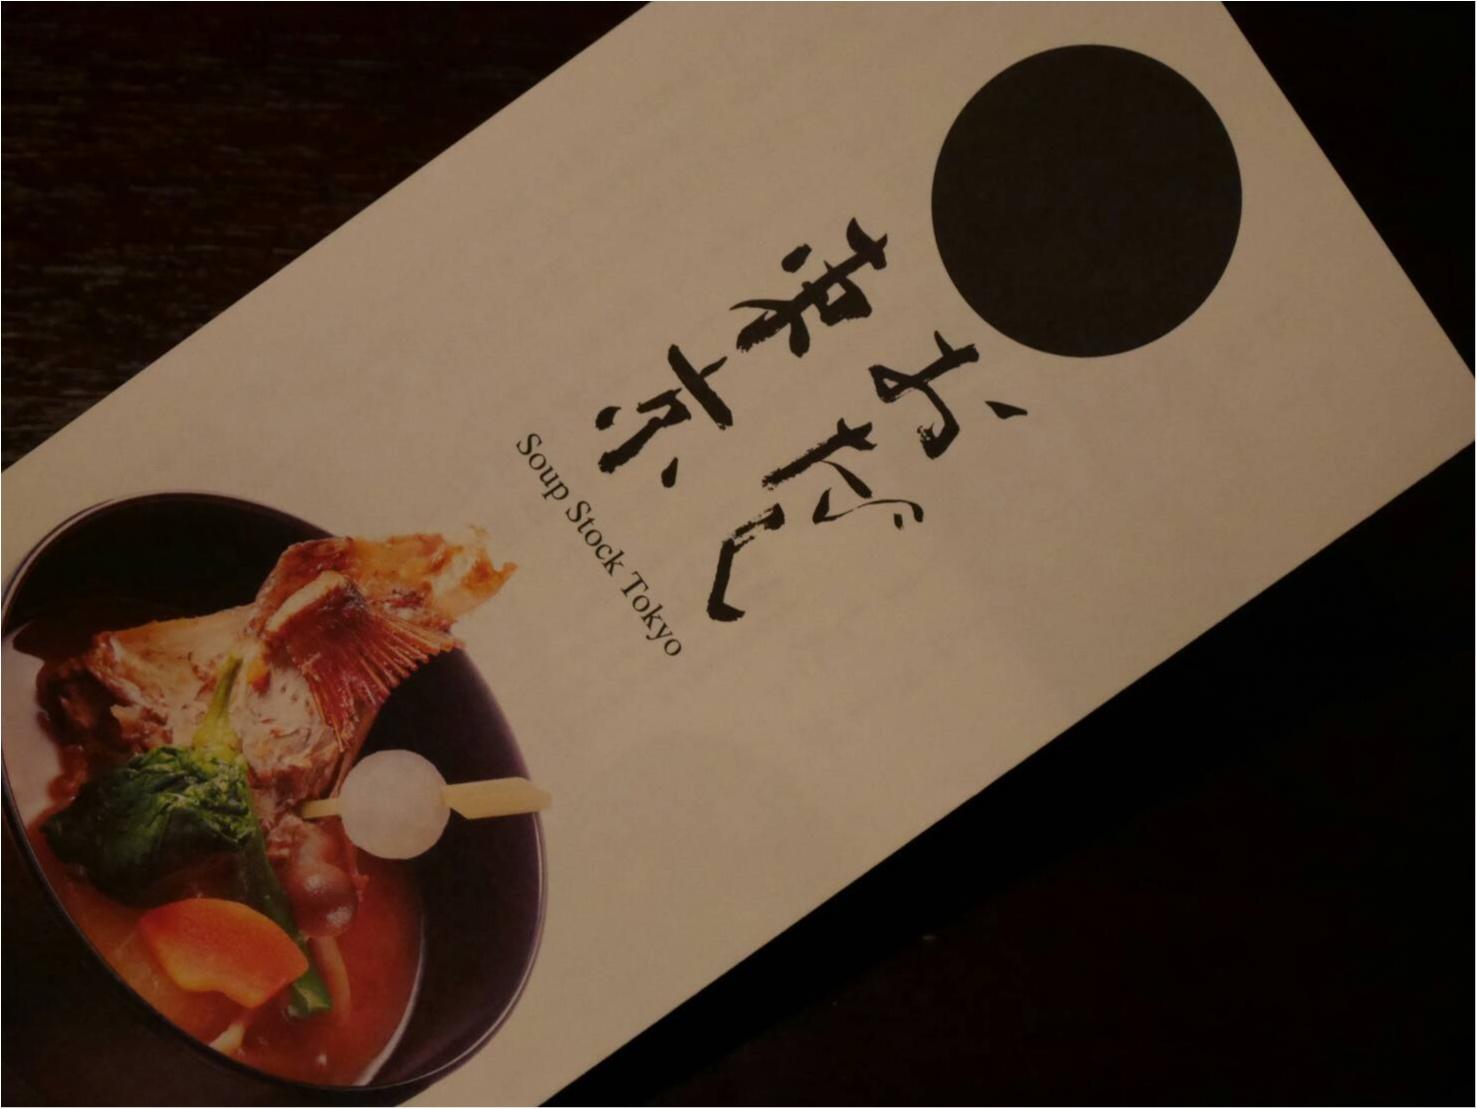 スープストックトーキョーが和食のお店「おだし東京」をはじめました。_2